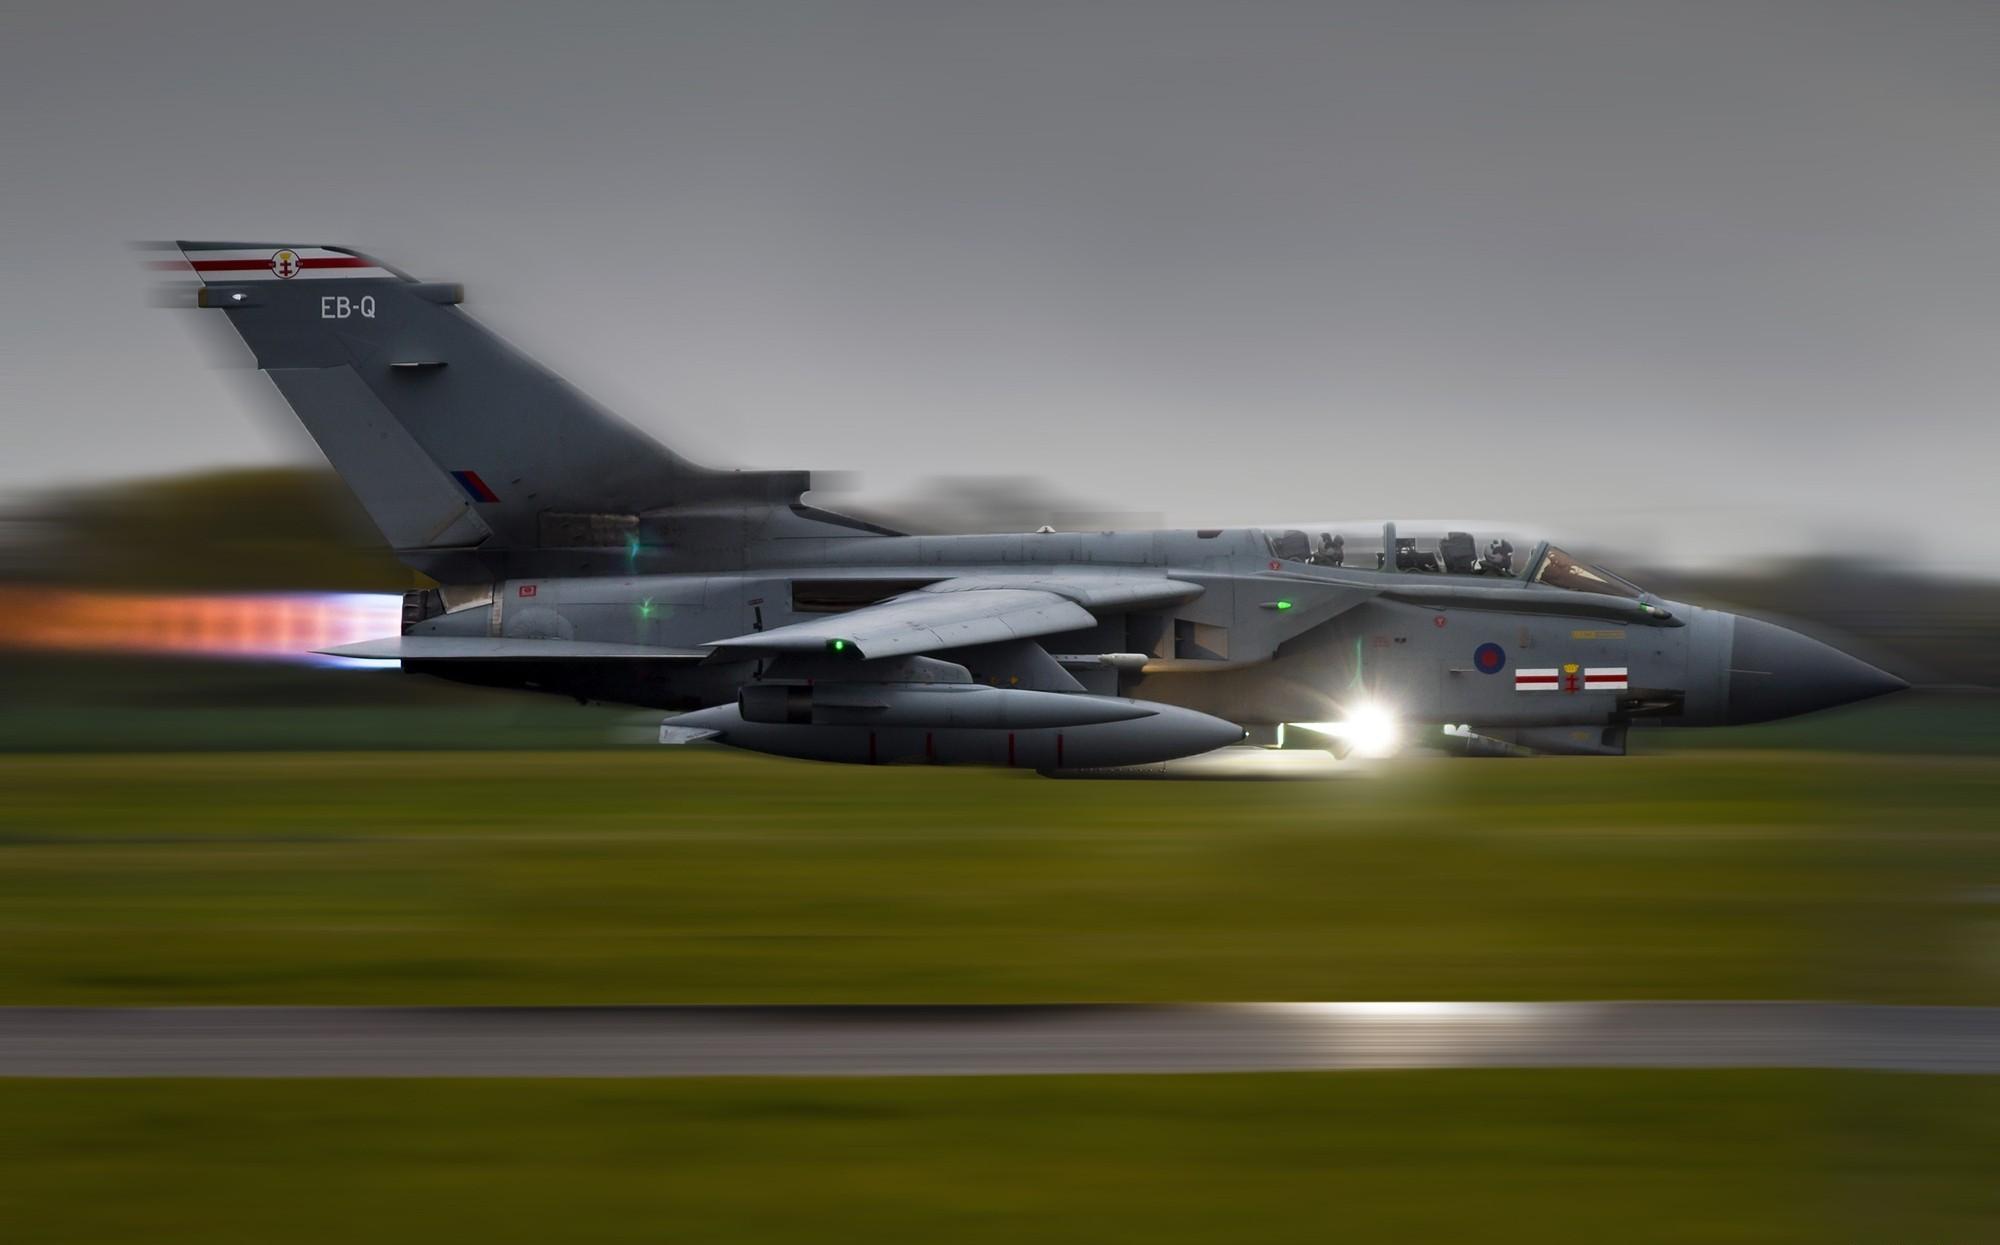 Sfondi aerei tornado